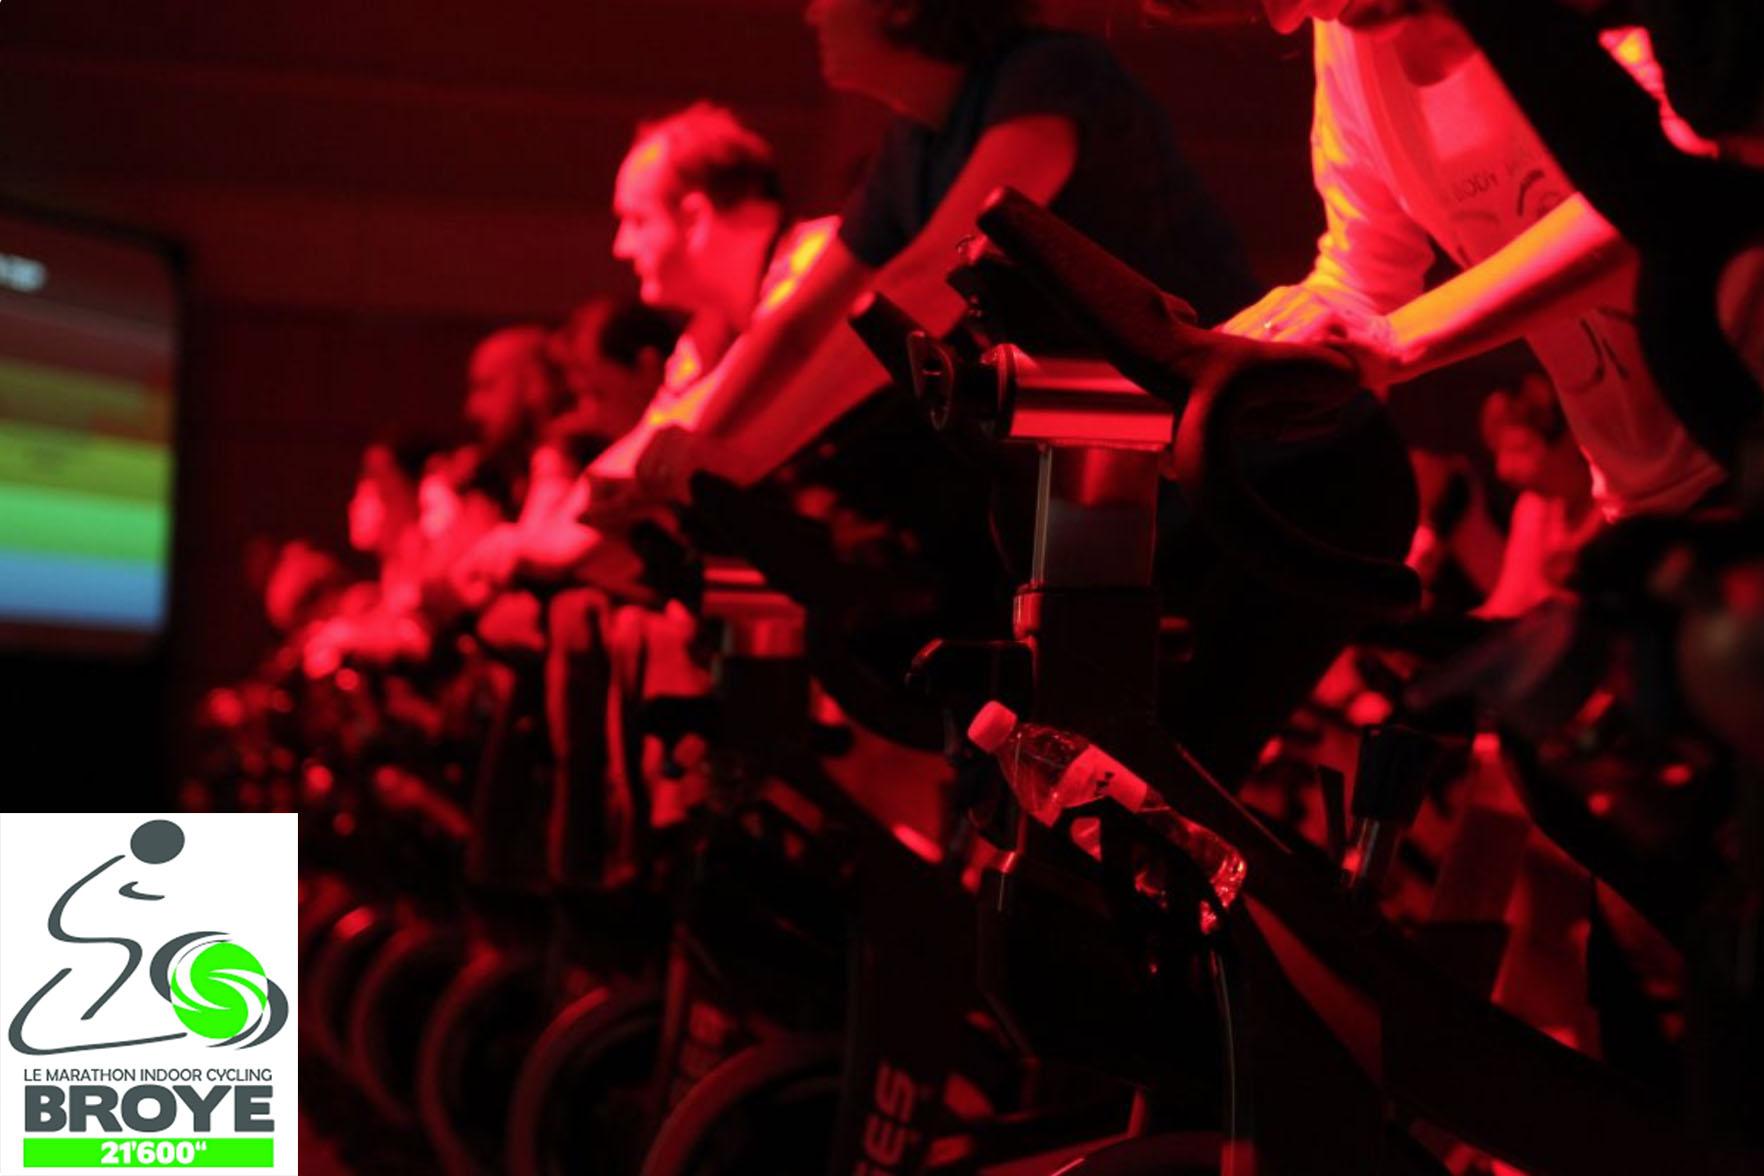 Marathon indoor de spinning « Broye 21600 »